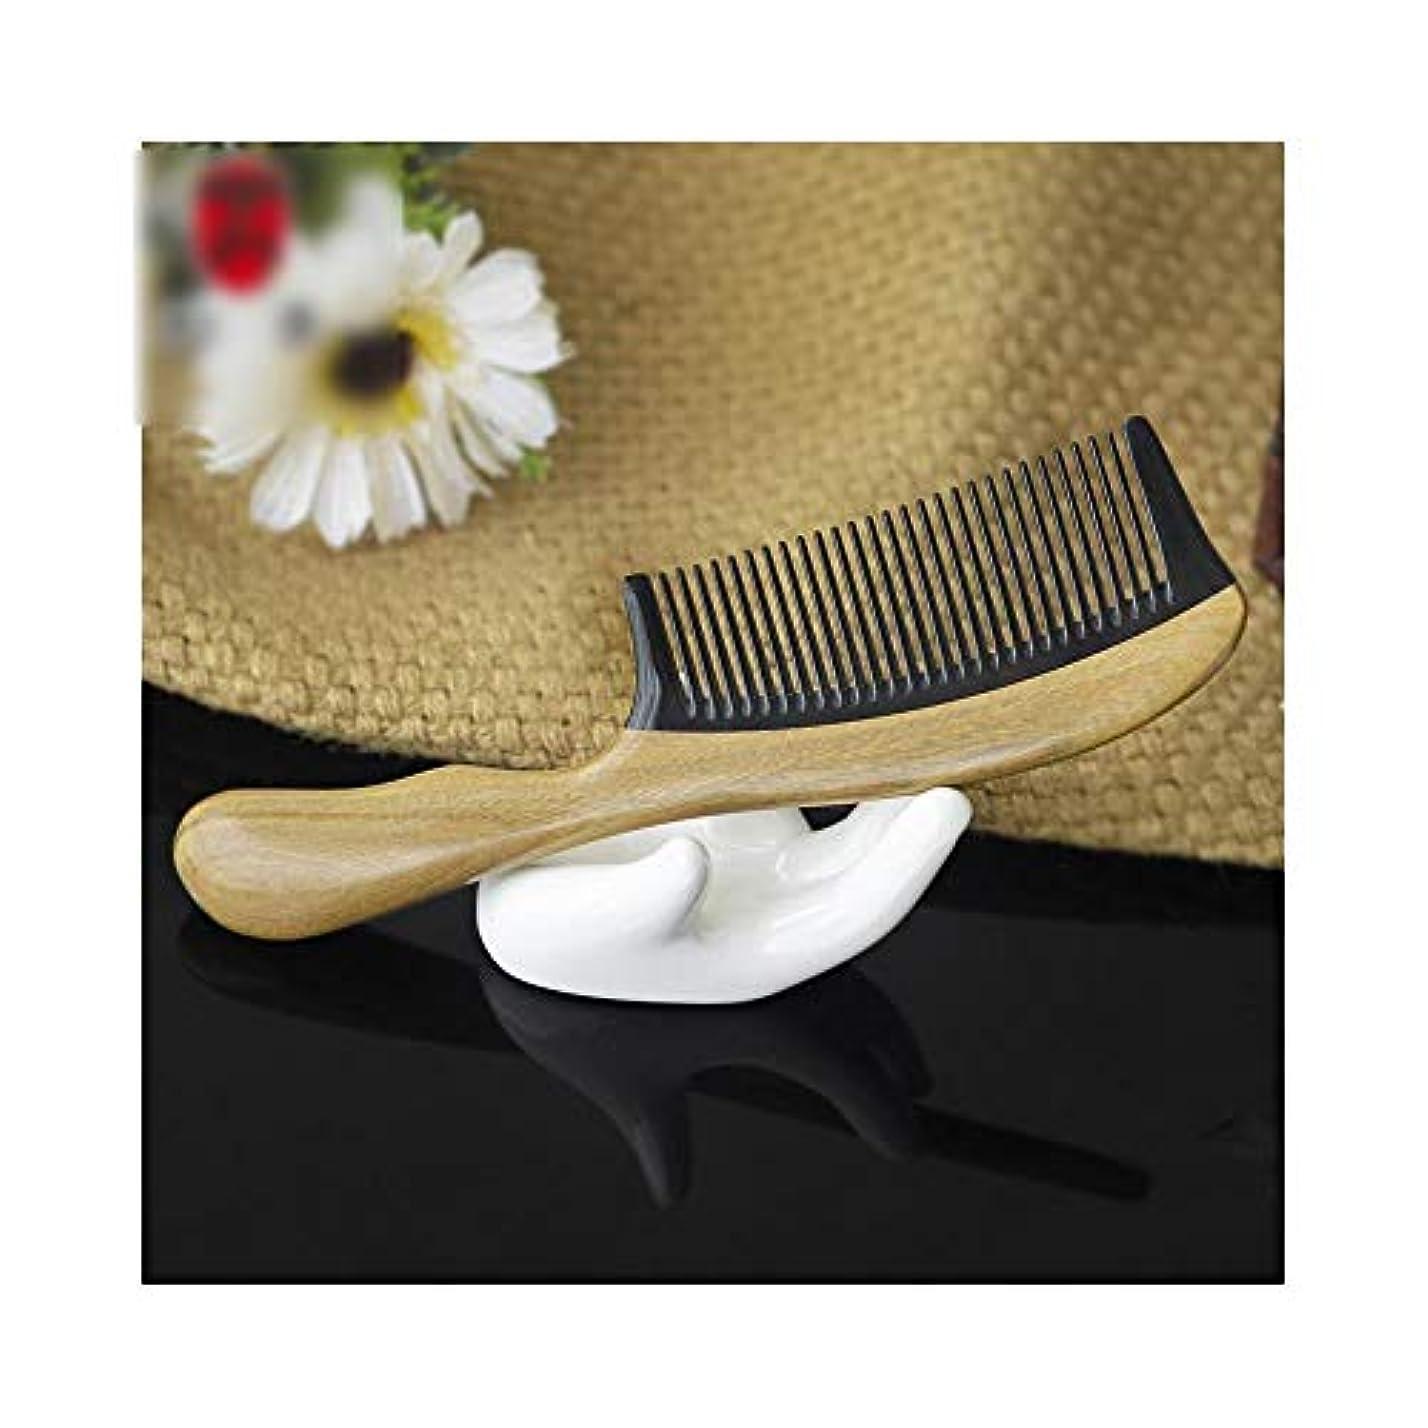 しがみつくモードリンモディッシュWASAIO 手作り木製くし天然水牛角くしサンダルウッドマッサージ髪くし手作り木製抗静的マッサージエアバッグ (色 : 1873)